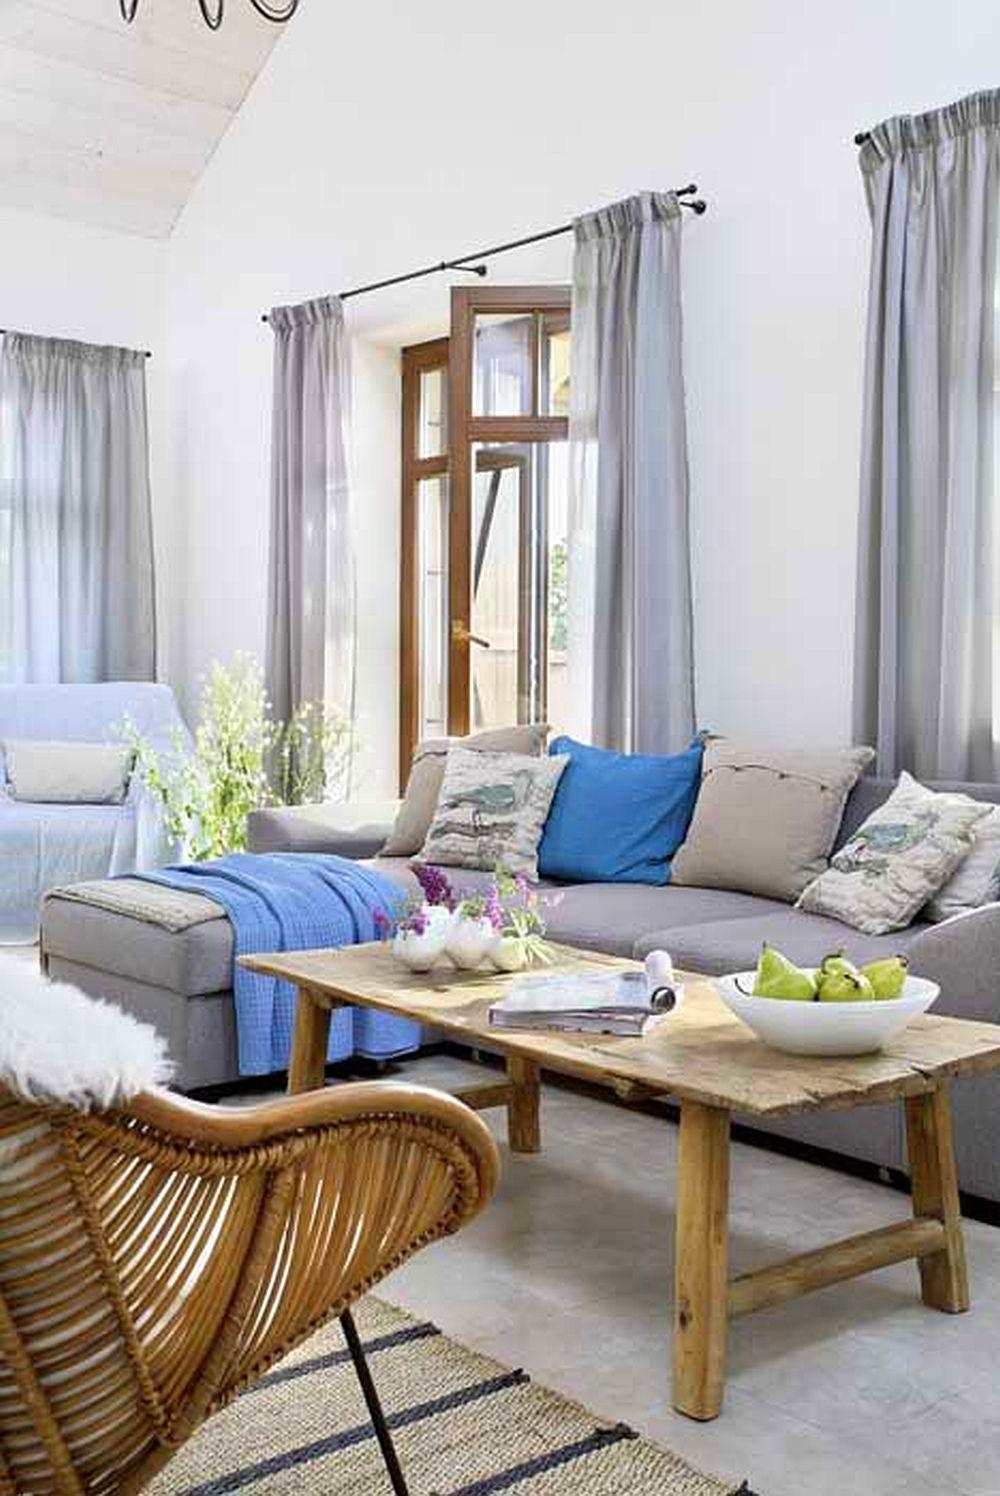 adelaparvu.com despre casa cu exterior rustic, interior modern, amenajare scandinava, casa Polonia, Foto Aneta Tryczynska (14)